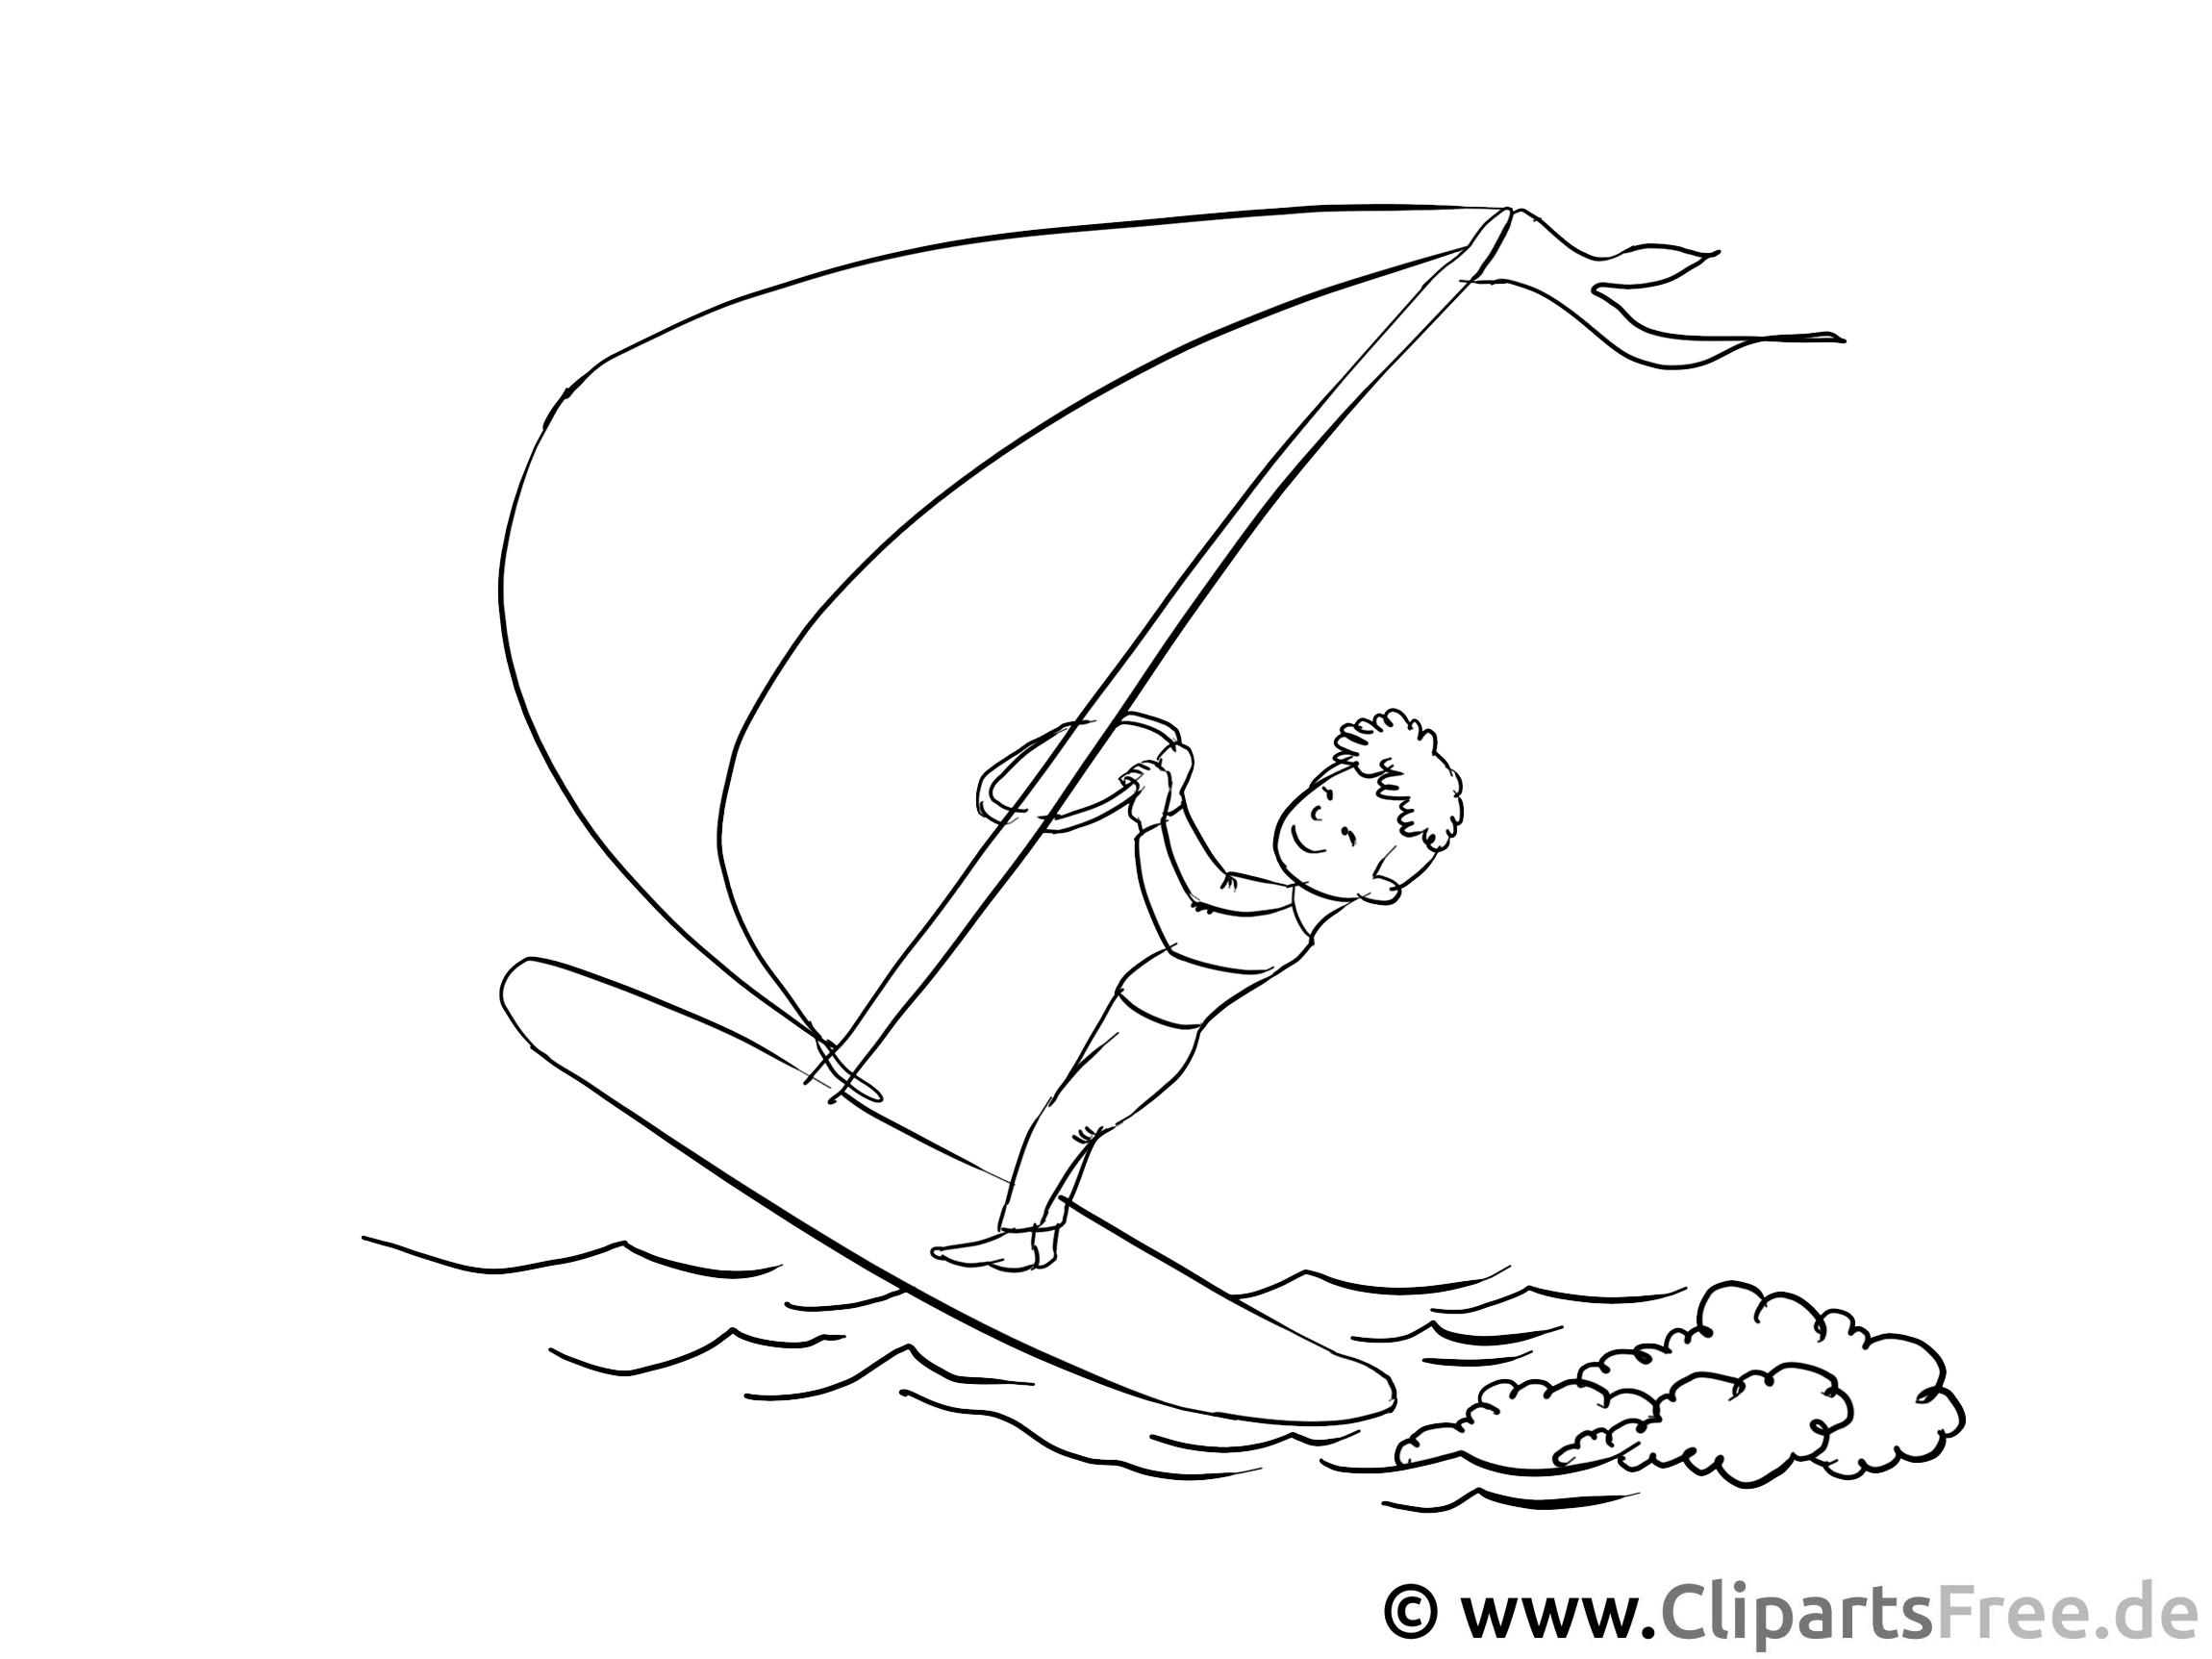 Windsurfer - Malvorlagen für Kinder kostenlos